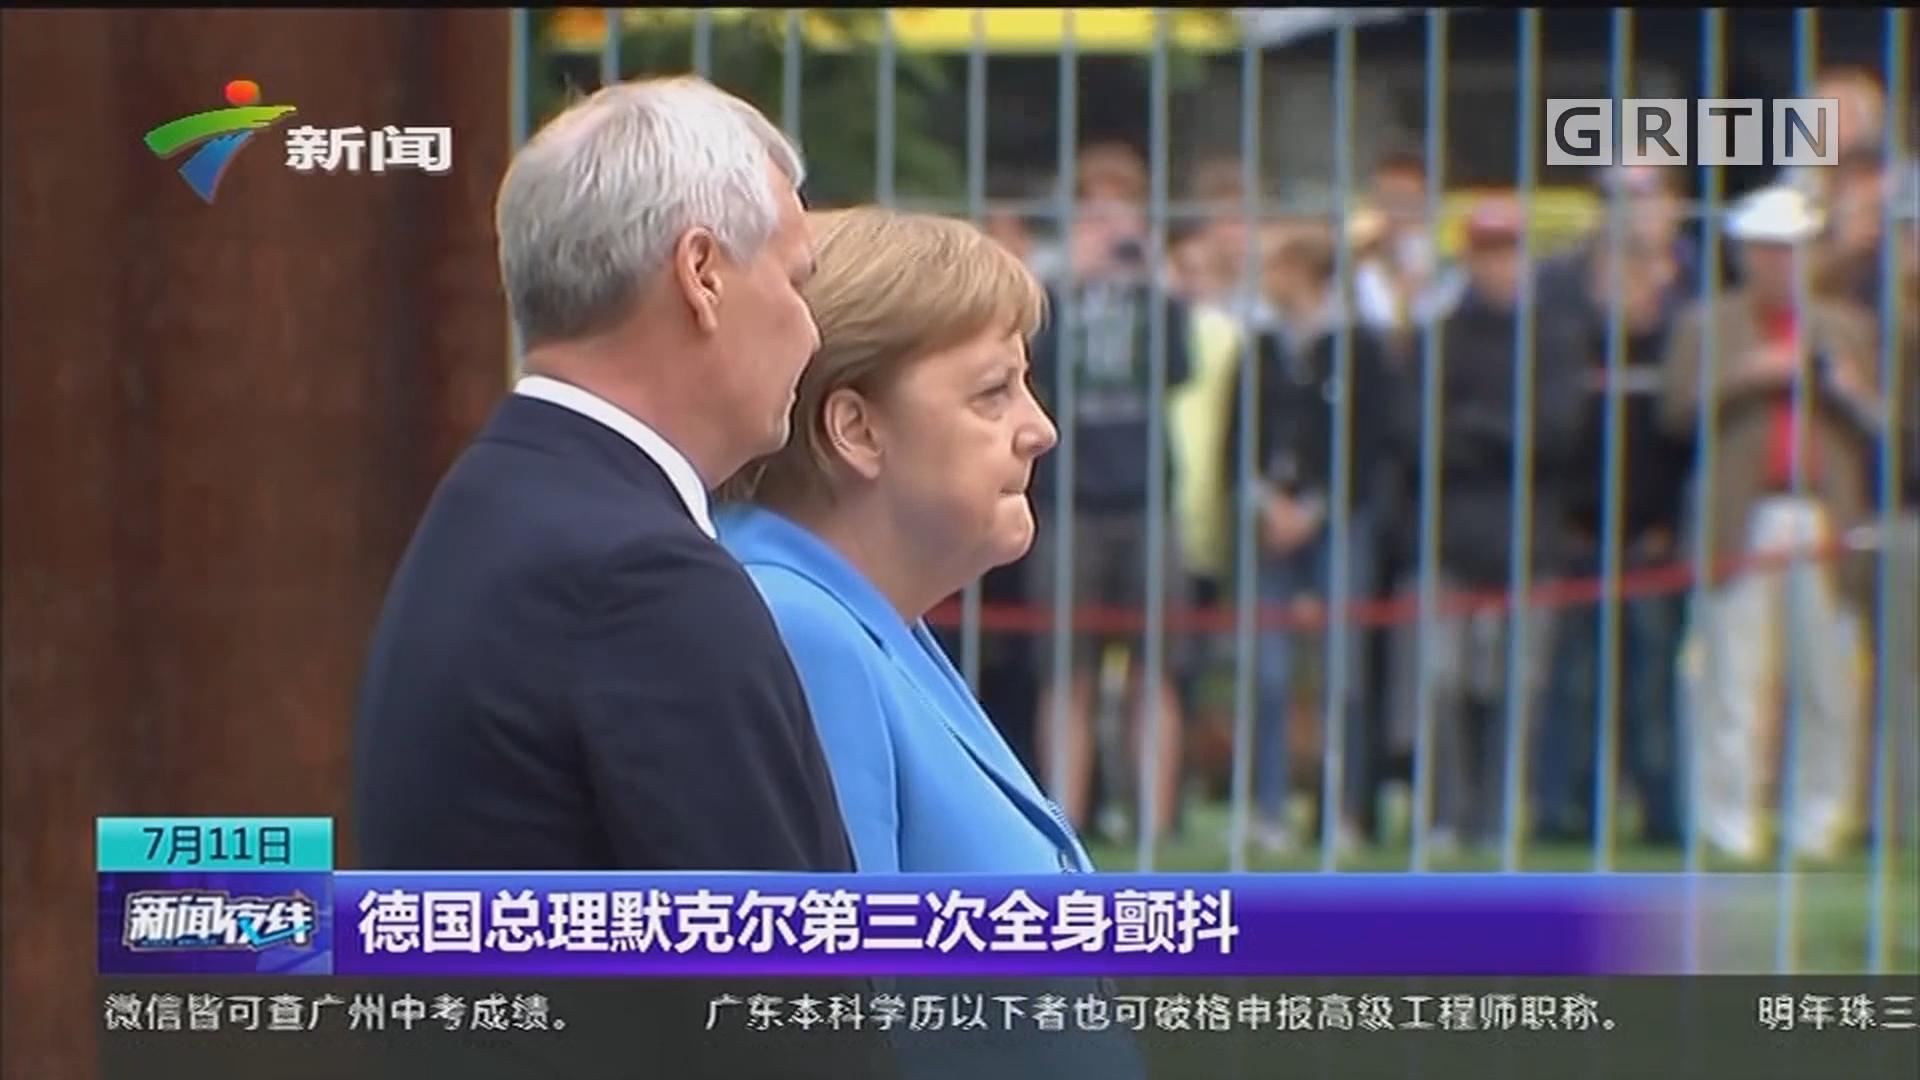 德国总理默克尔第三次全身颤抖